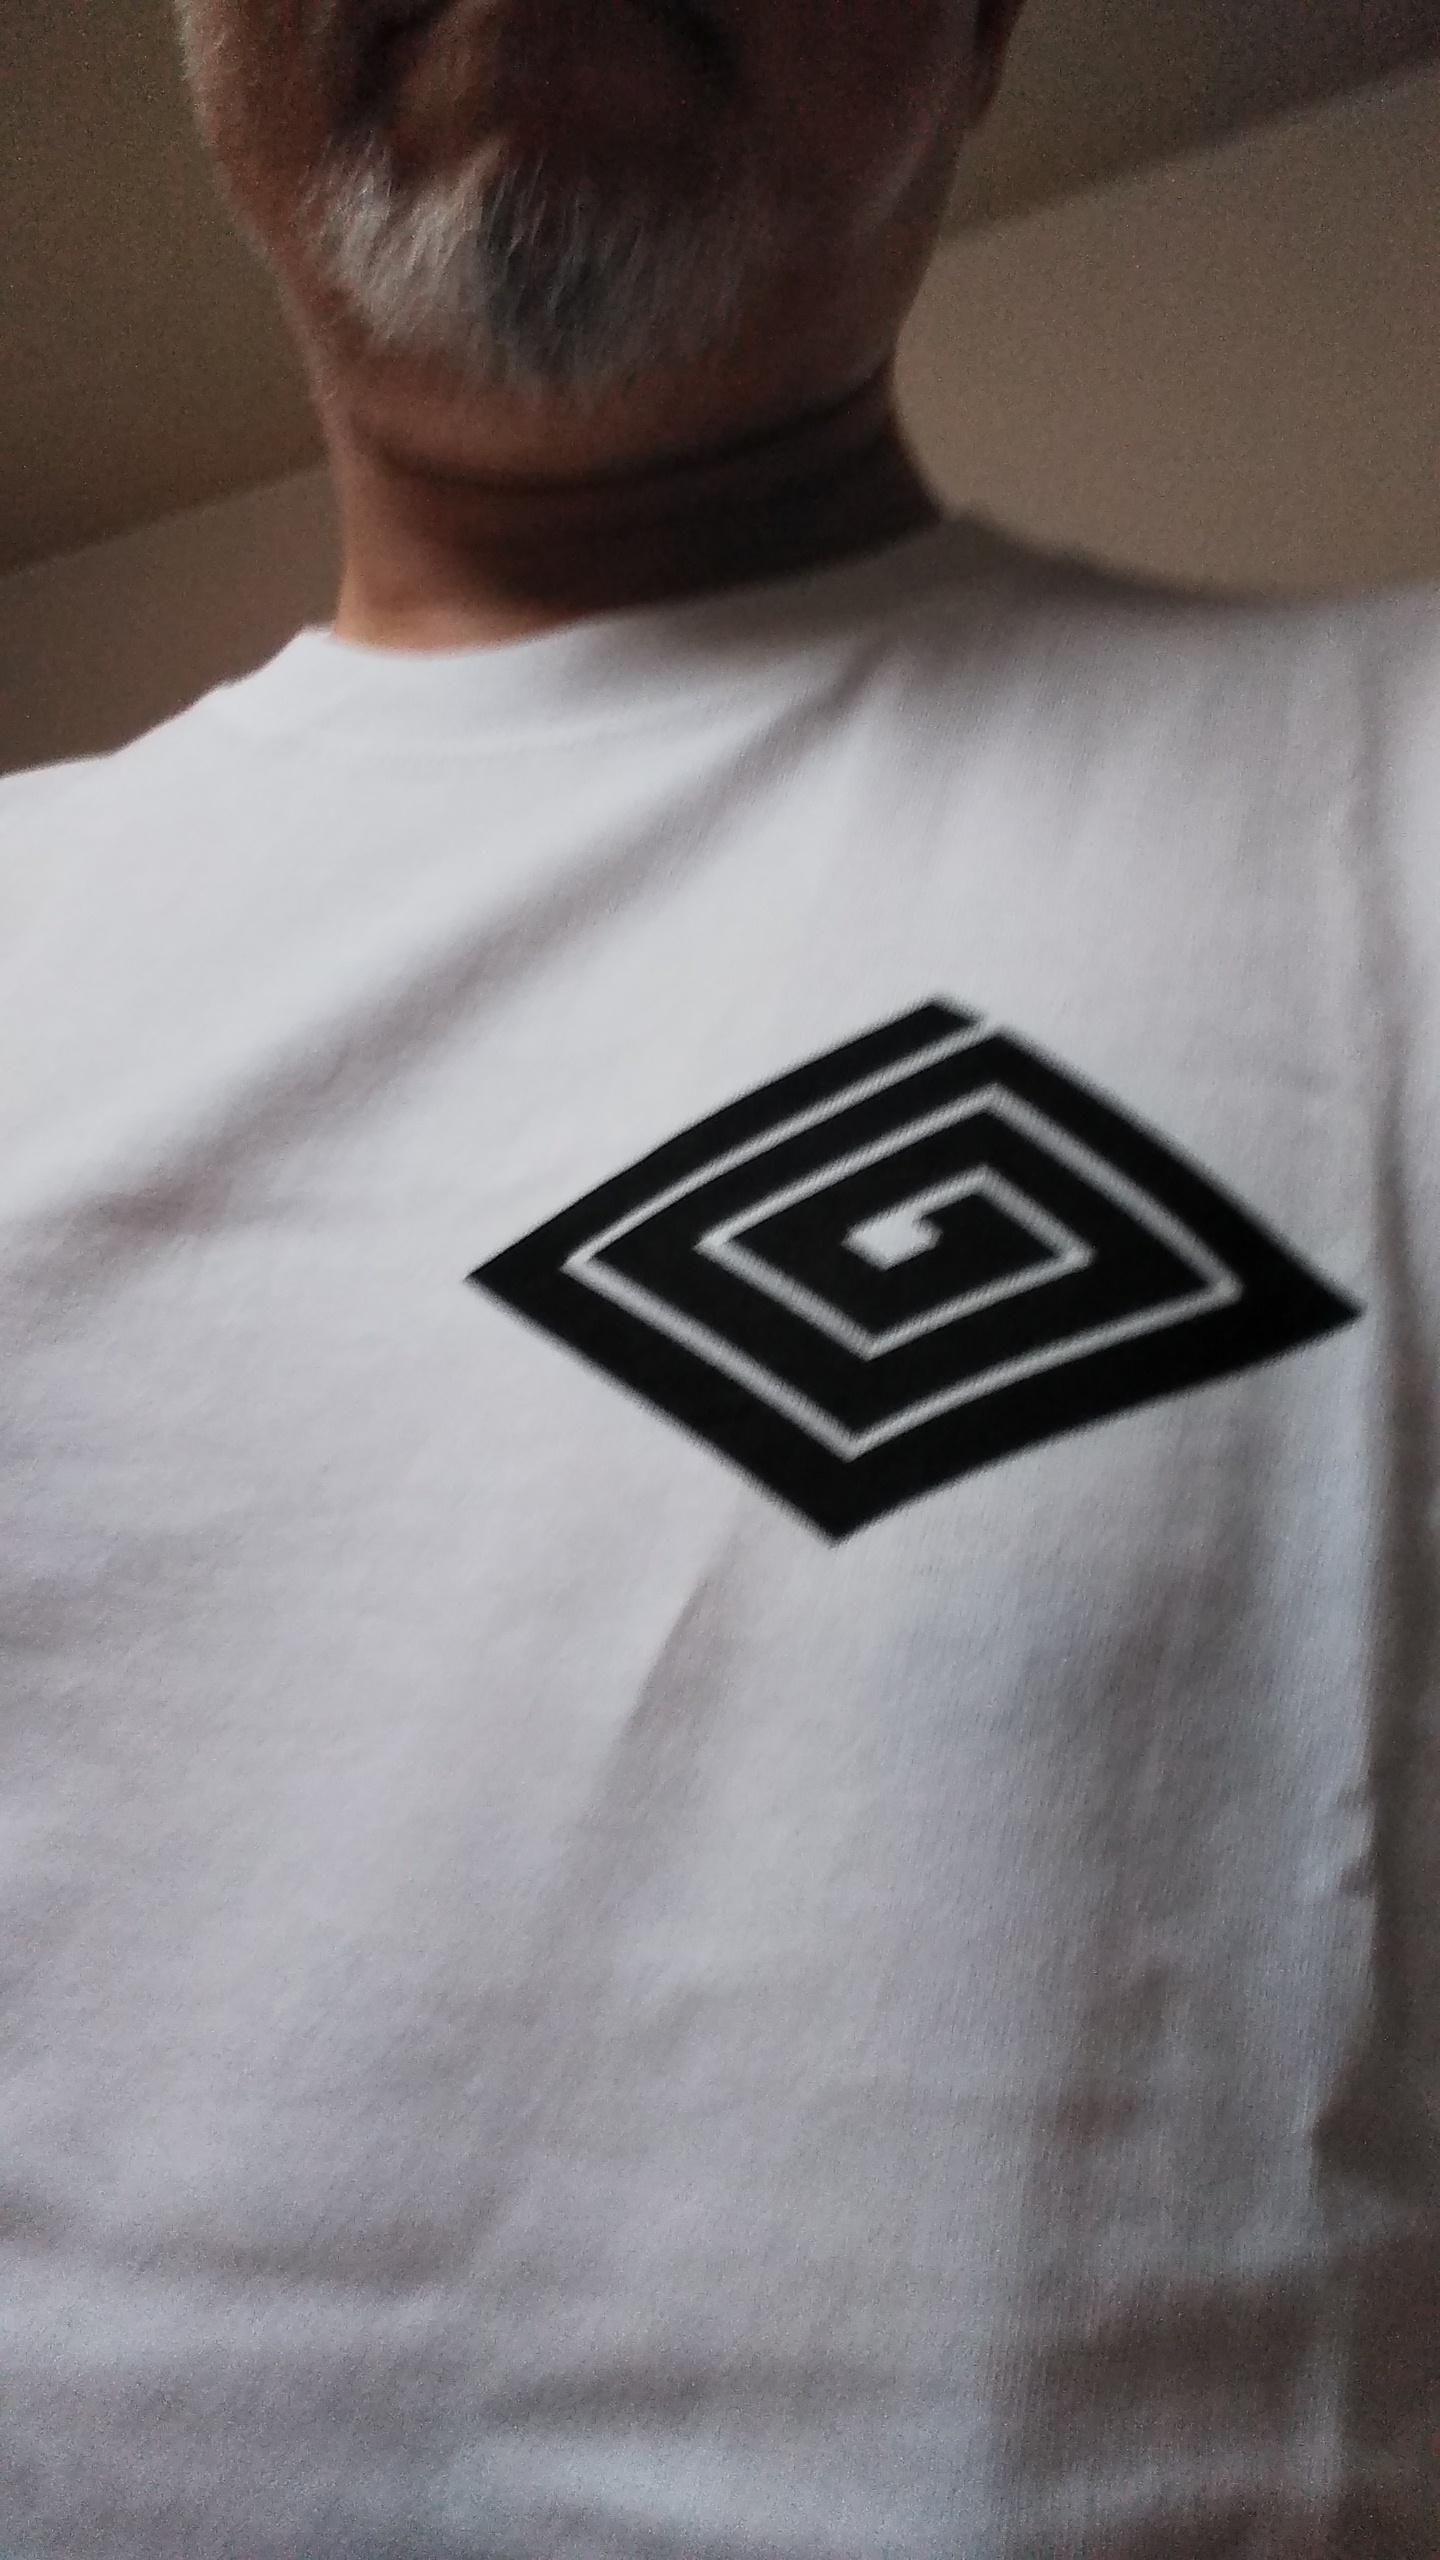 源公の3大アイテムと言えば前出の「鐘楼」「竹箒」と帝釈天の「袢纏」なのですが、袢纏の画像ゲットできず。代わりに柴又駅前の「らくがき工房 秀義八」さんで、題経寺の紋入りのTシャツを作ってもらいました。